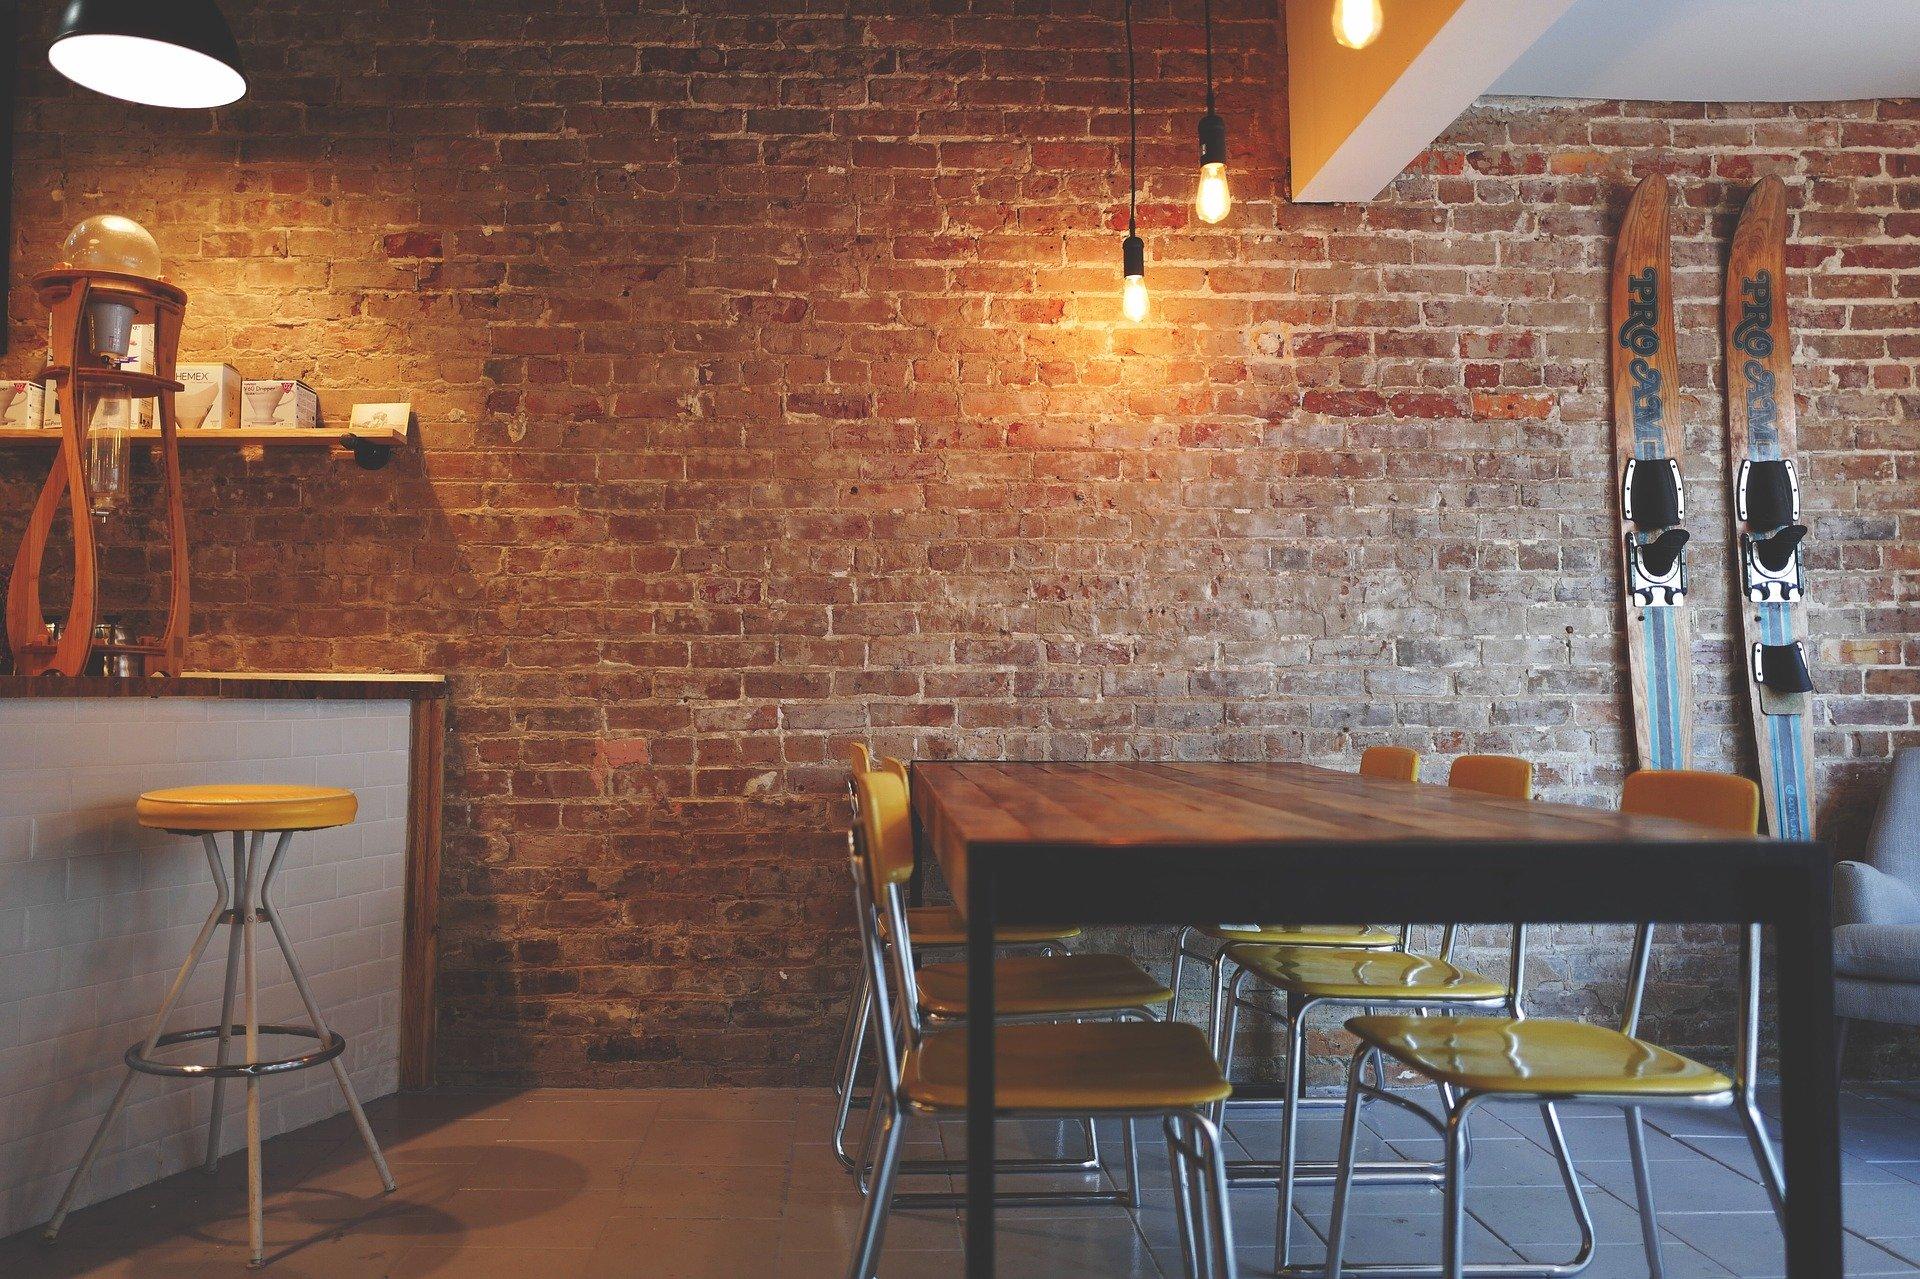 Bar-restaurant en salle urbaine